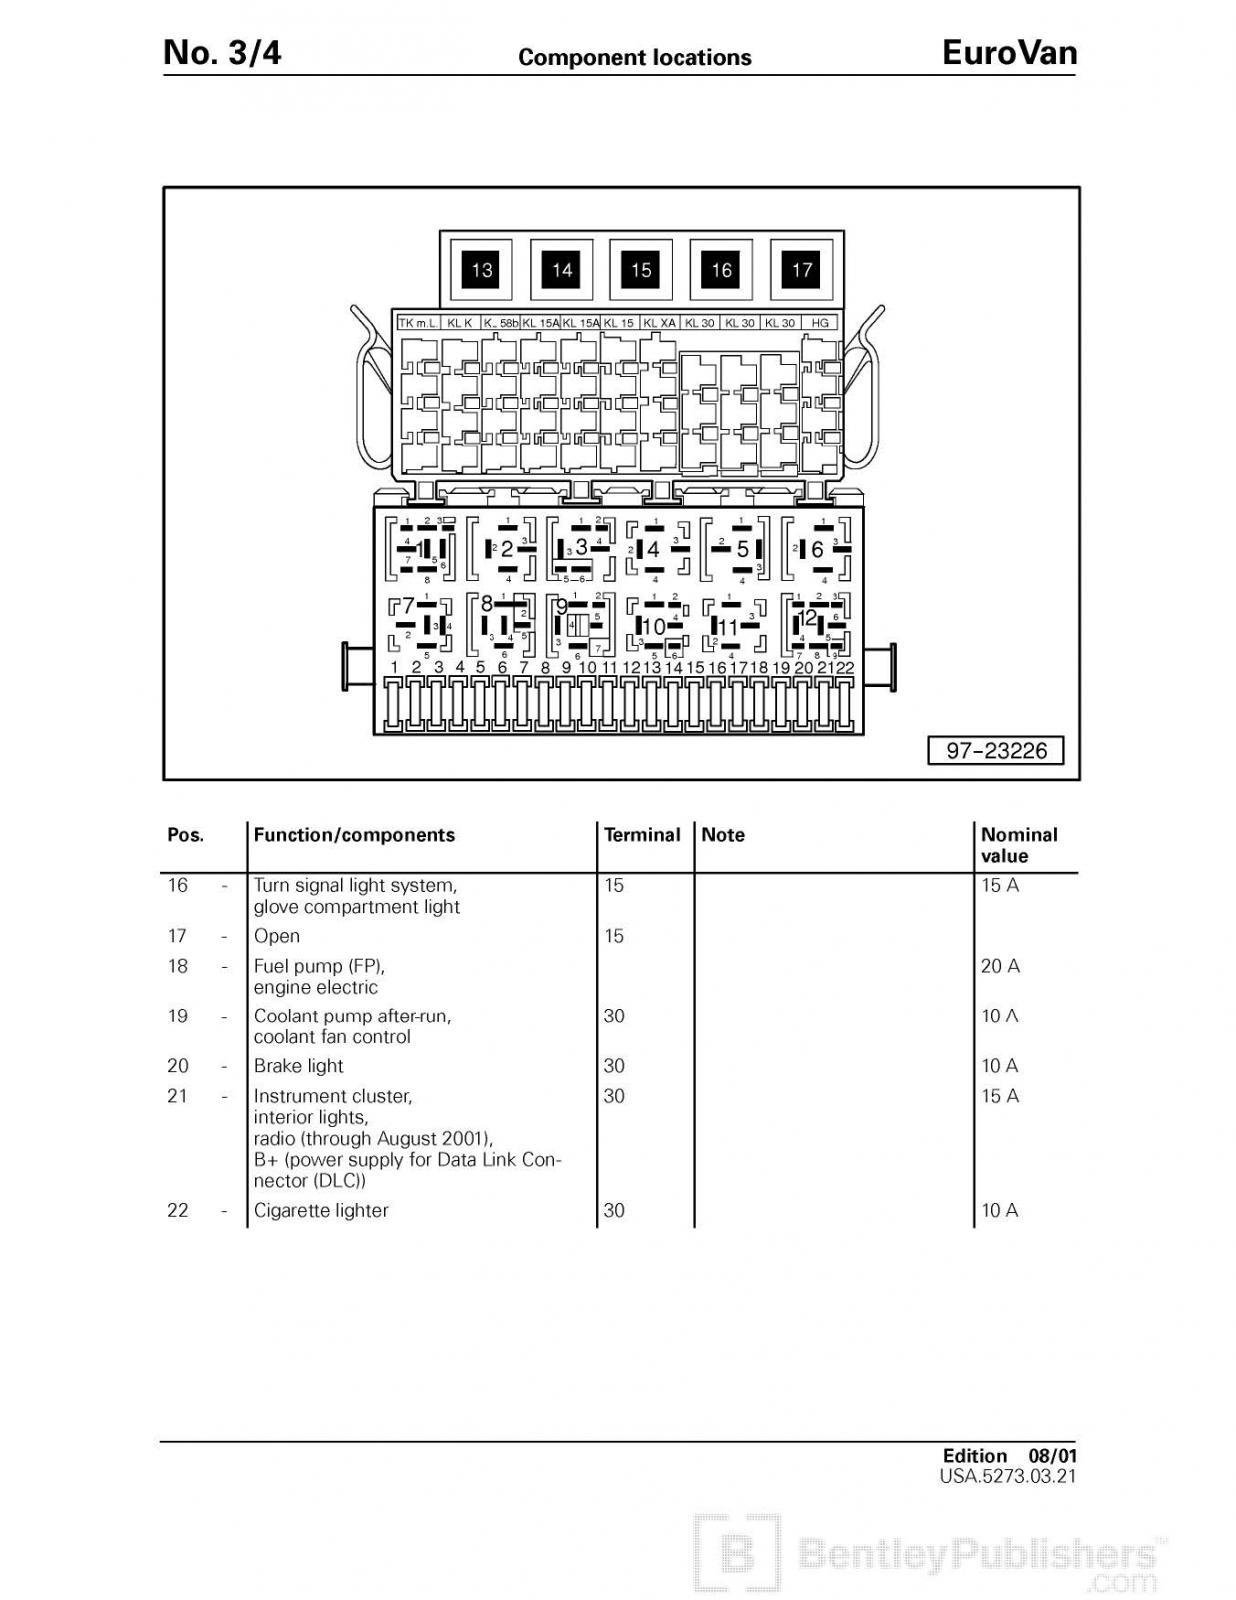 Pleasant 93 Eurovan Wiring Diagram Wiring Diagram Document Guide Wiring Cloud Hemtegremohammedshrineorg